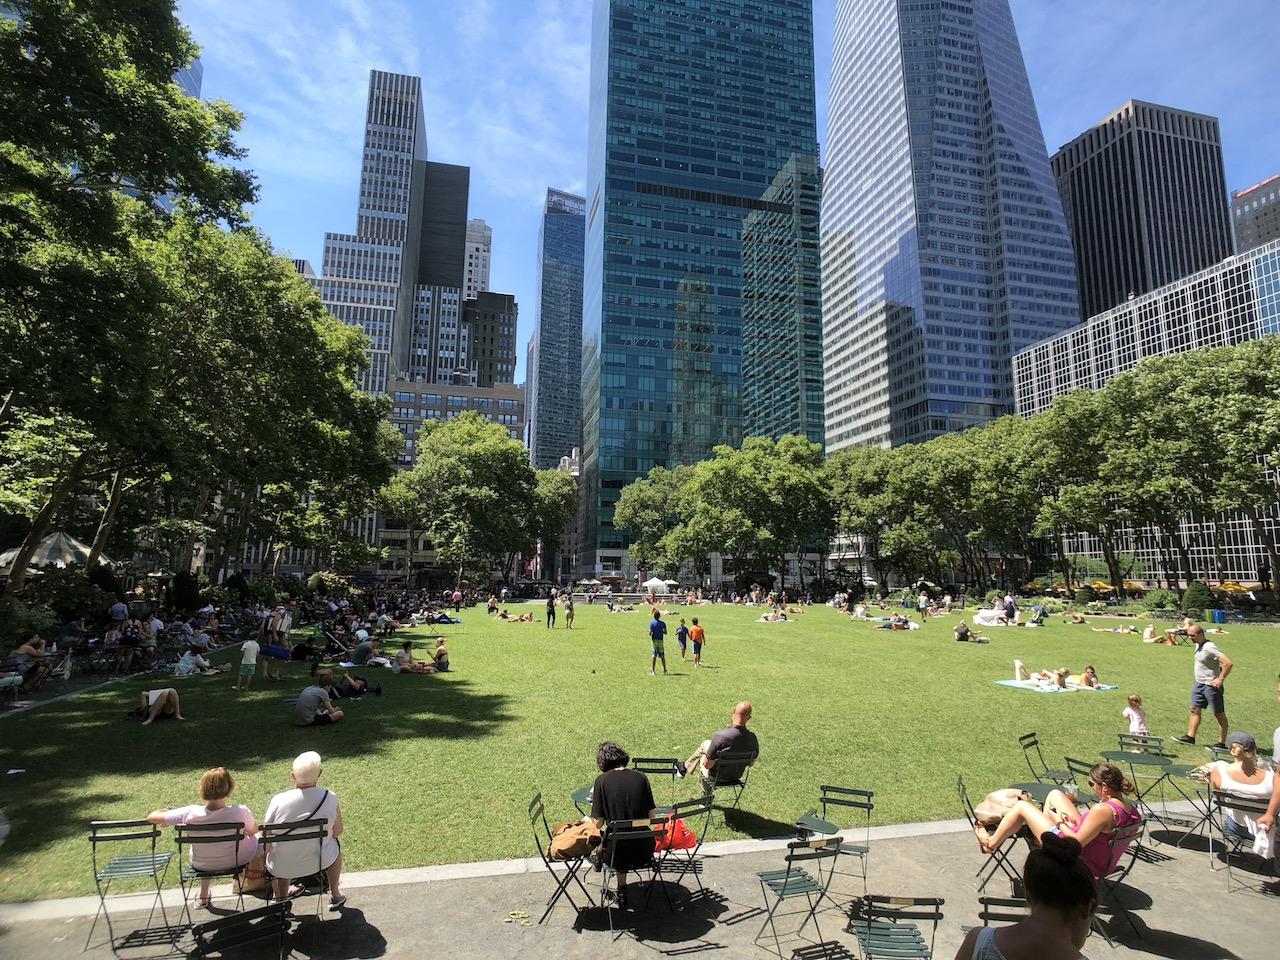 내 마음 속 뉴욕 최고의 공원 '브라이언트 파크'